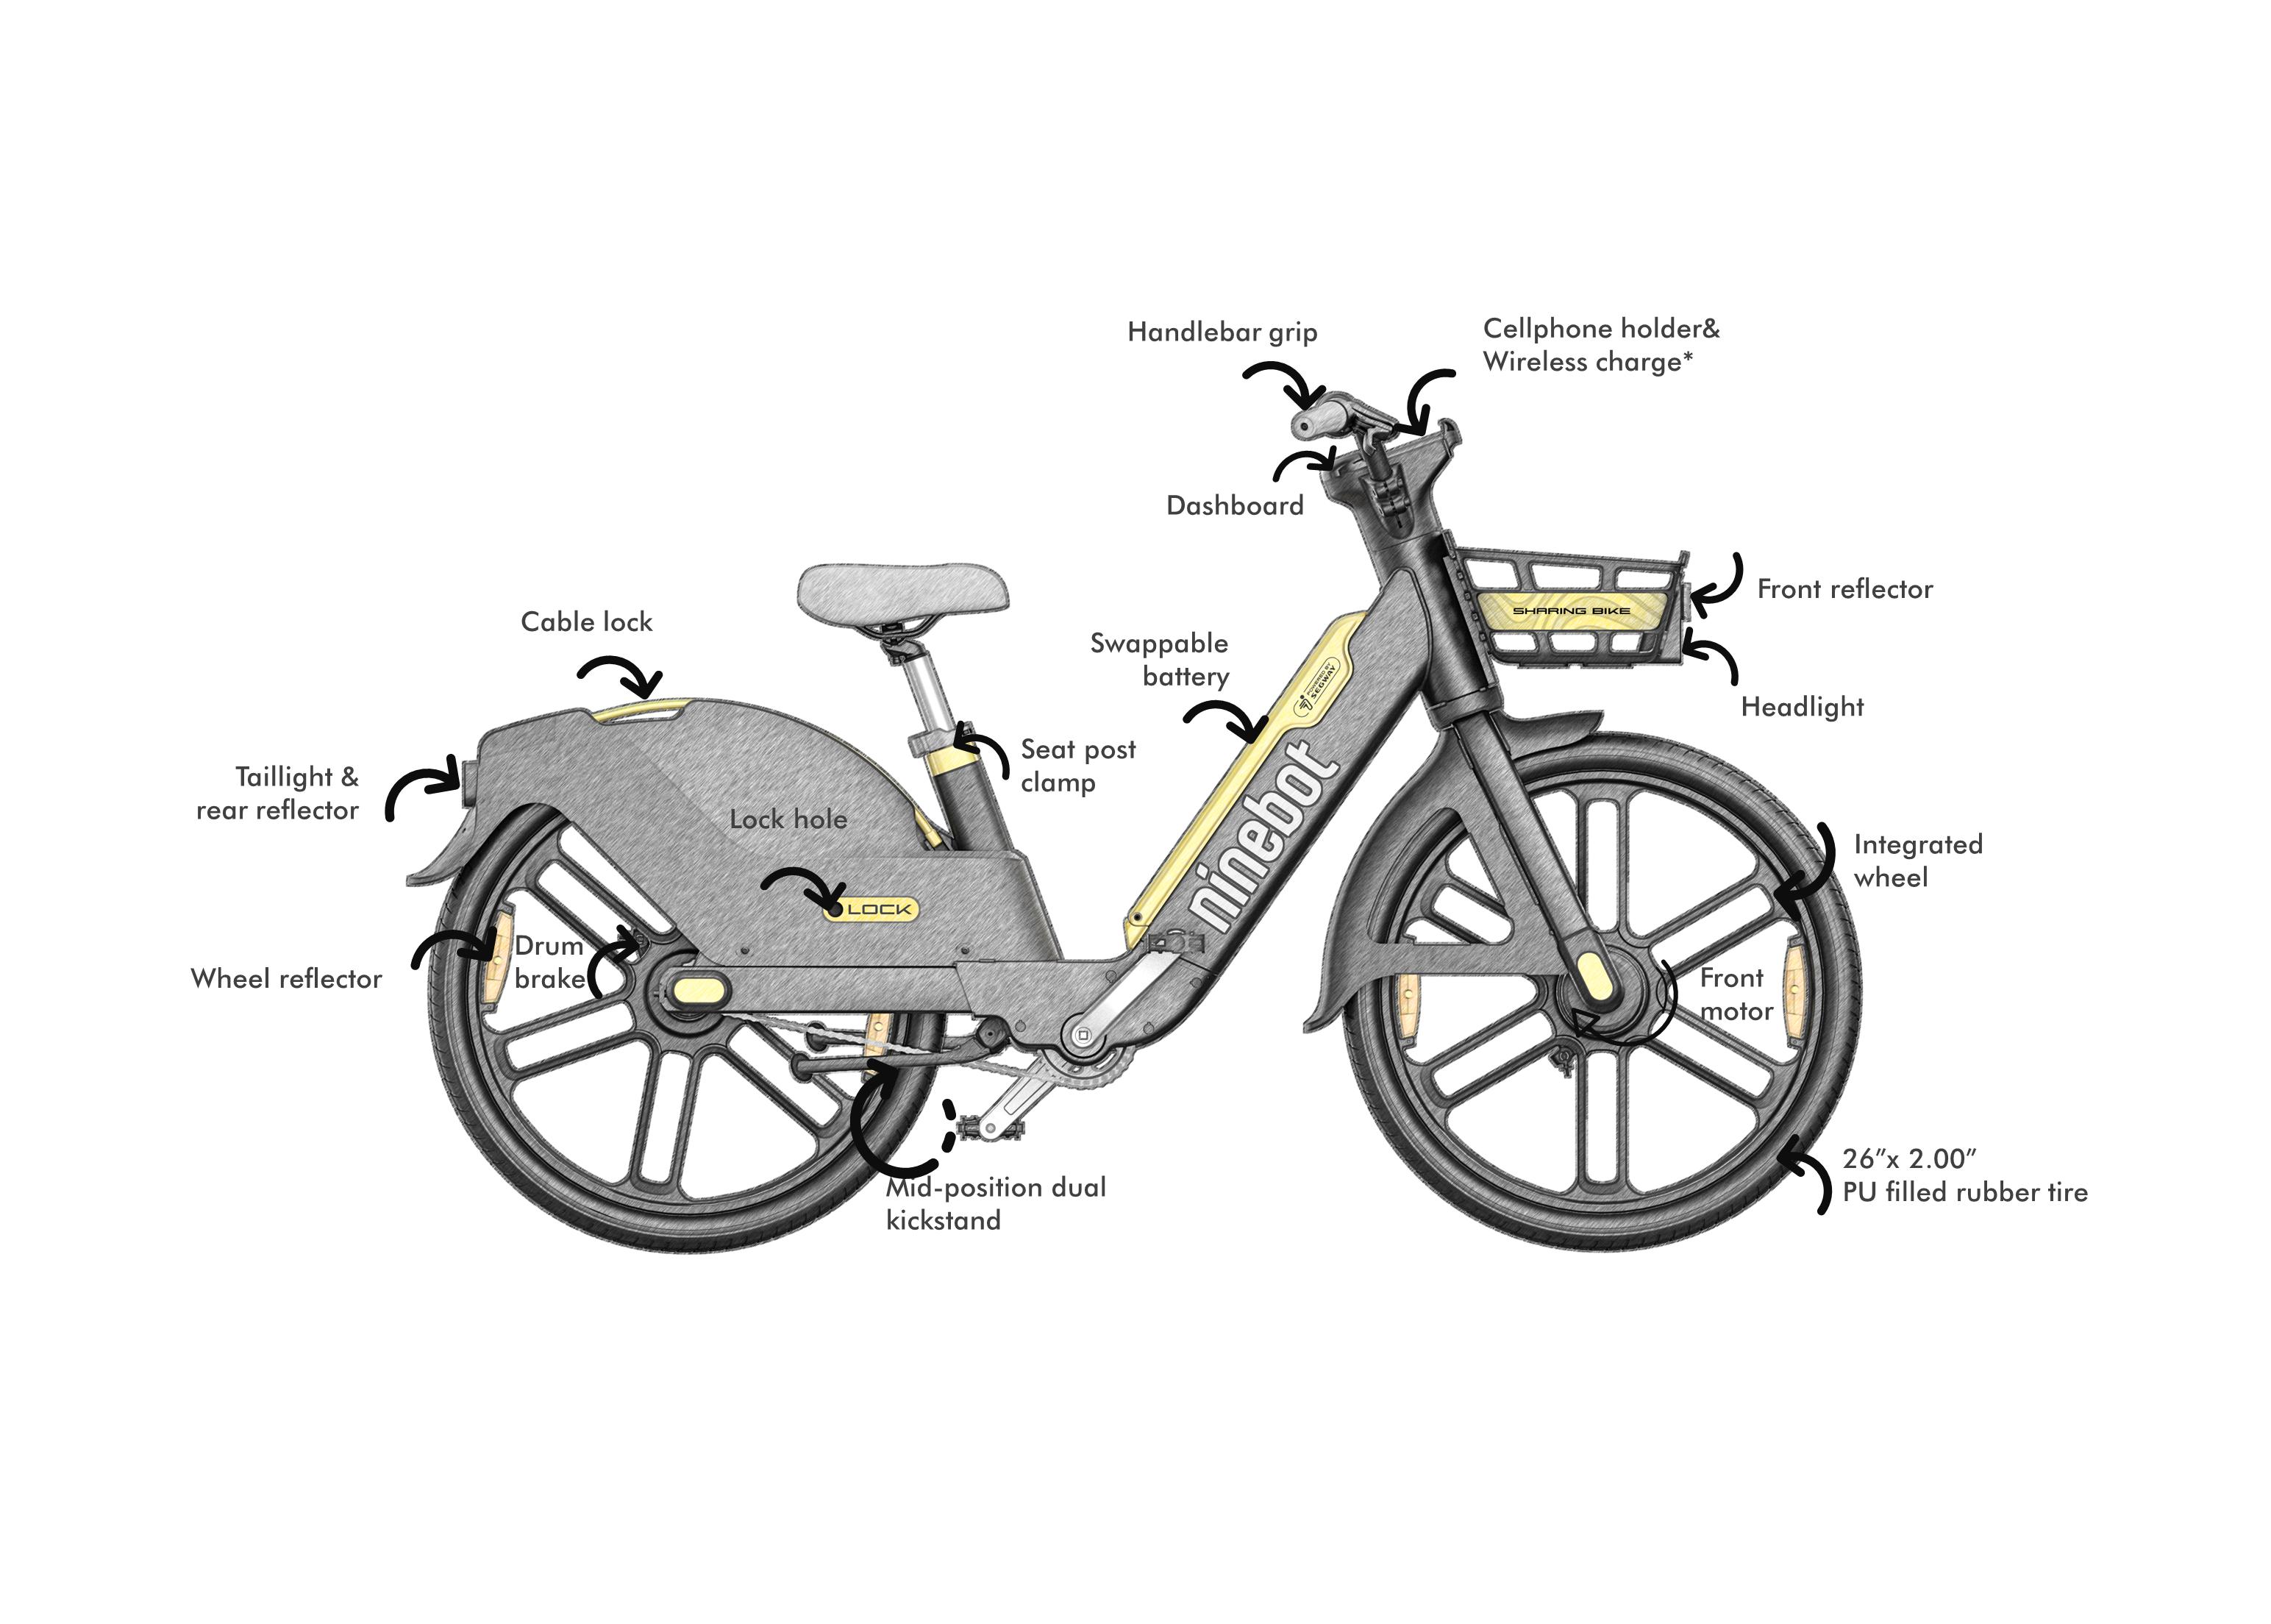 Meet the Ninebot Urban A200, Segway's First Shared E-Bike